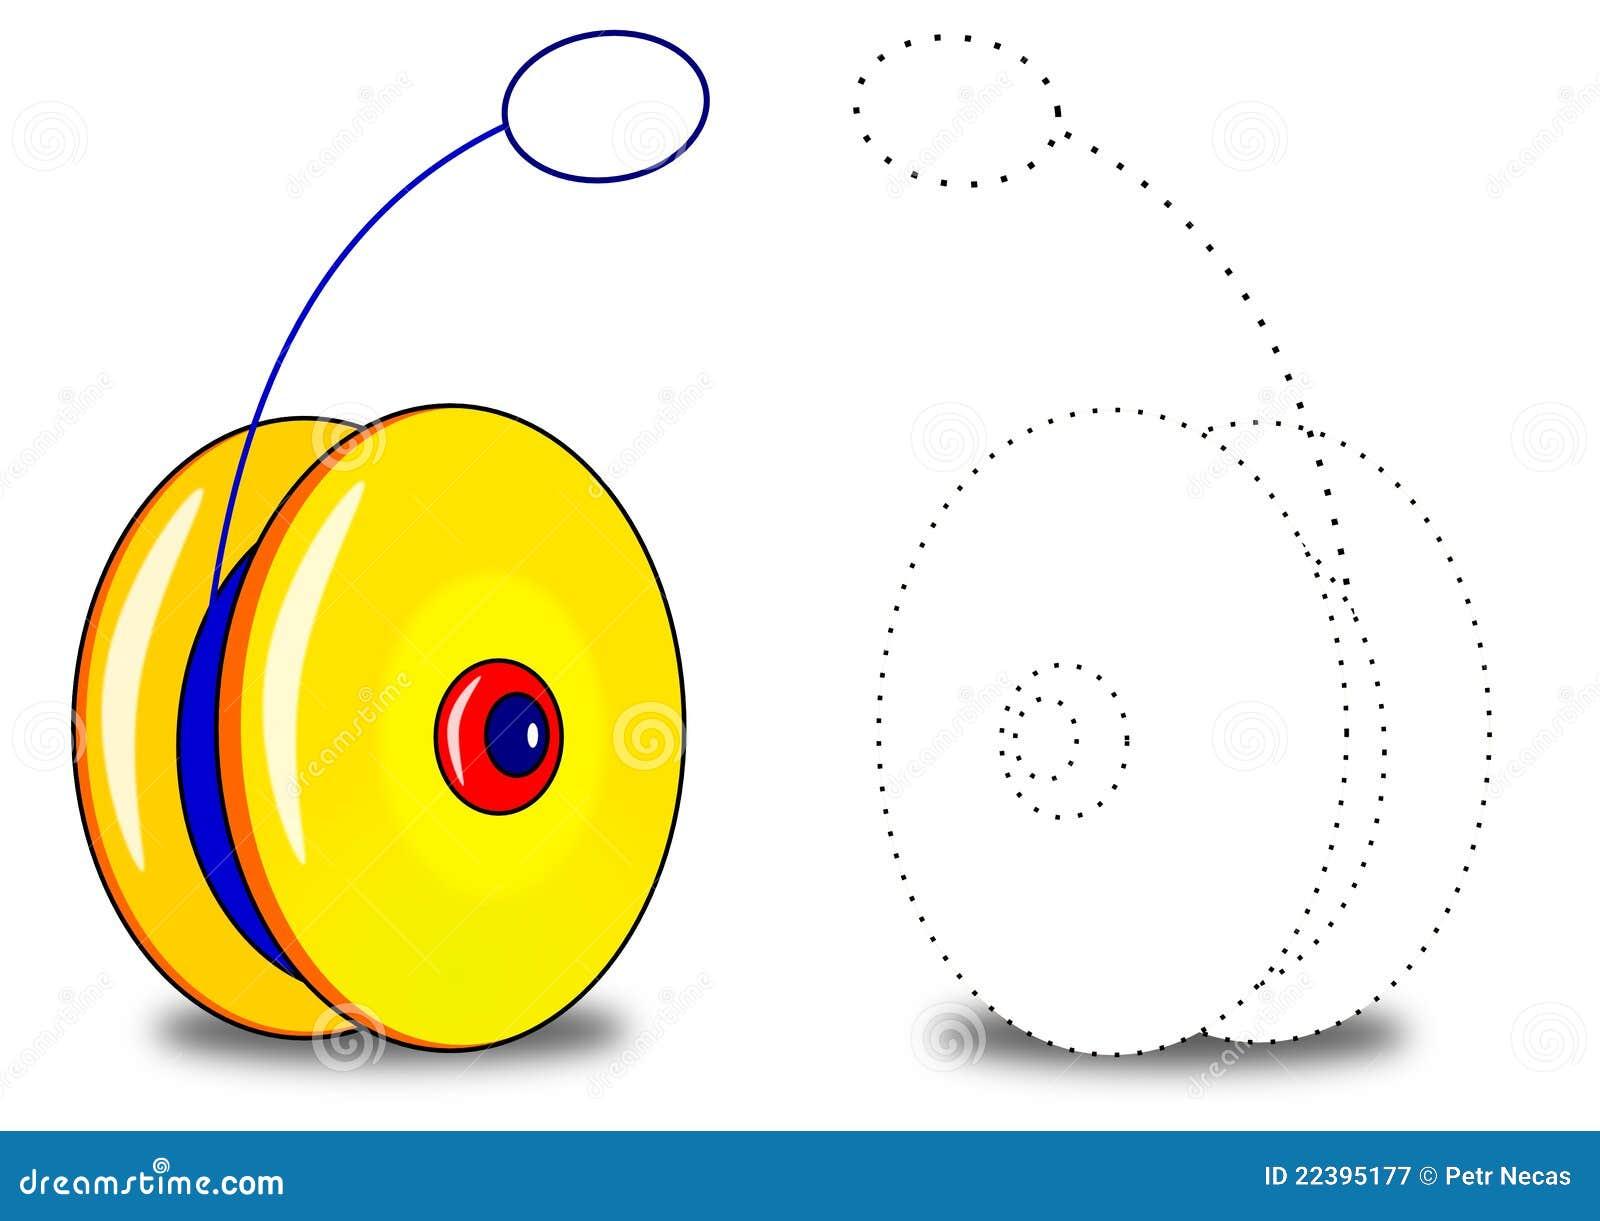 Free Yoyo Of Colors Clipart - Clipartmansion.com for Clipart Yoyo  131fsj